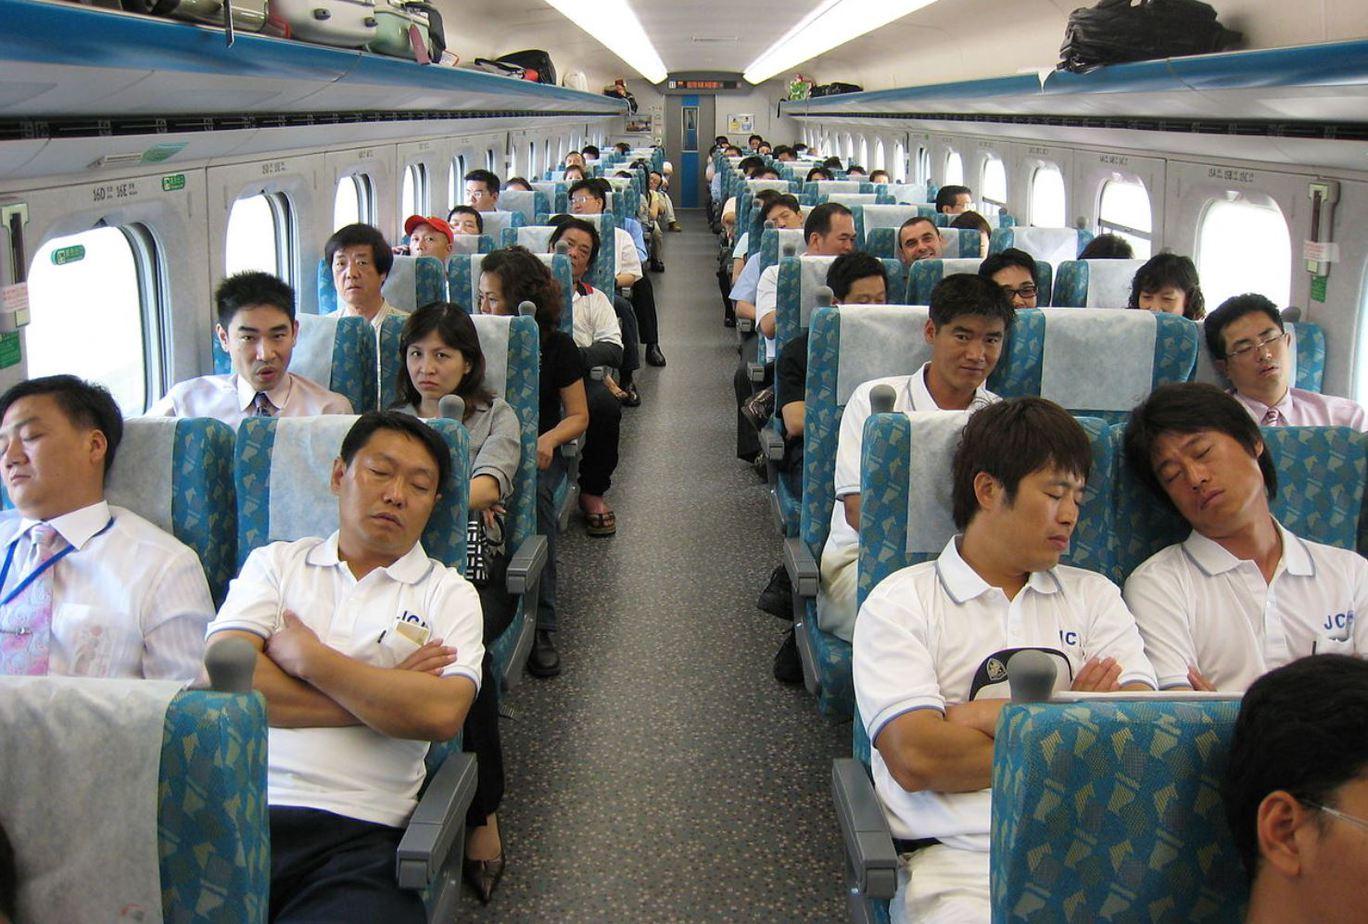 Hình ảnh trên tàu cao tốc ở Đài Loan khá sạch và tiện nghi không thua kém máy bay